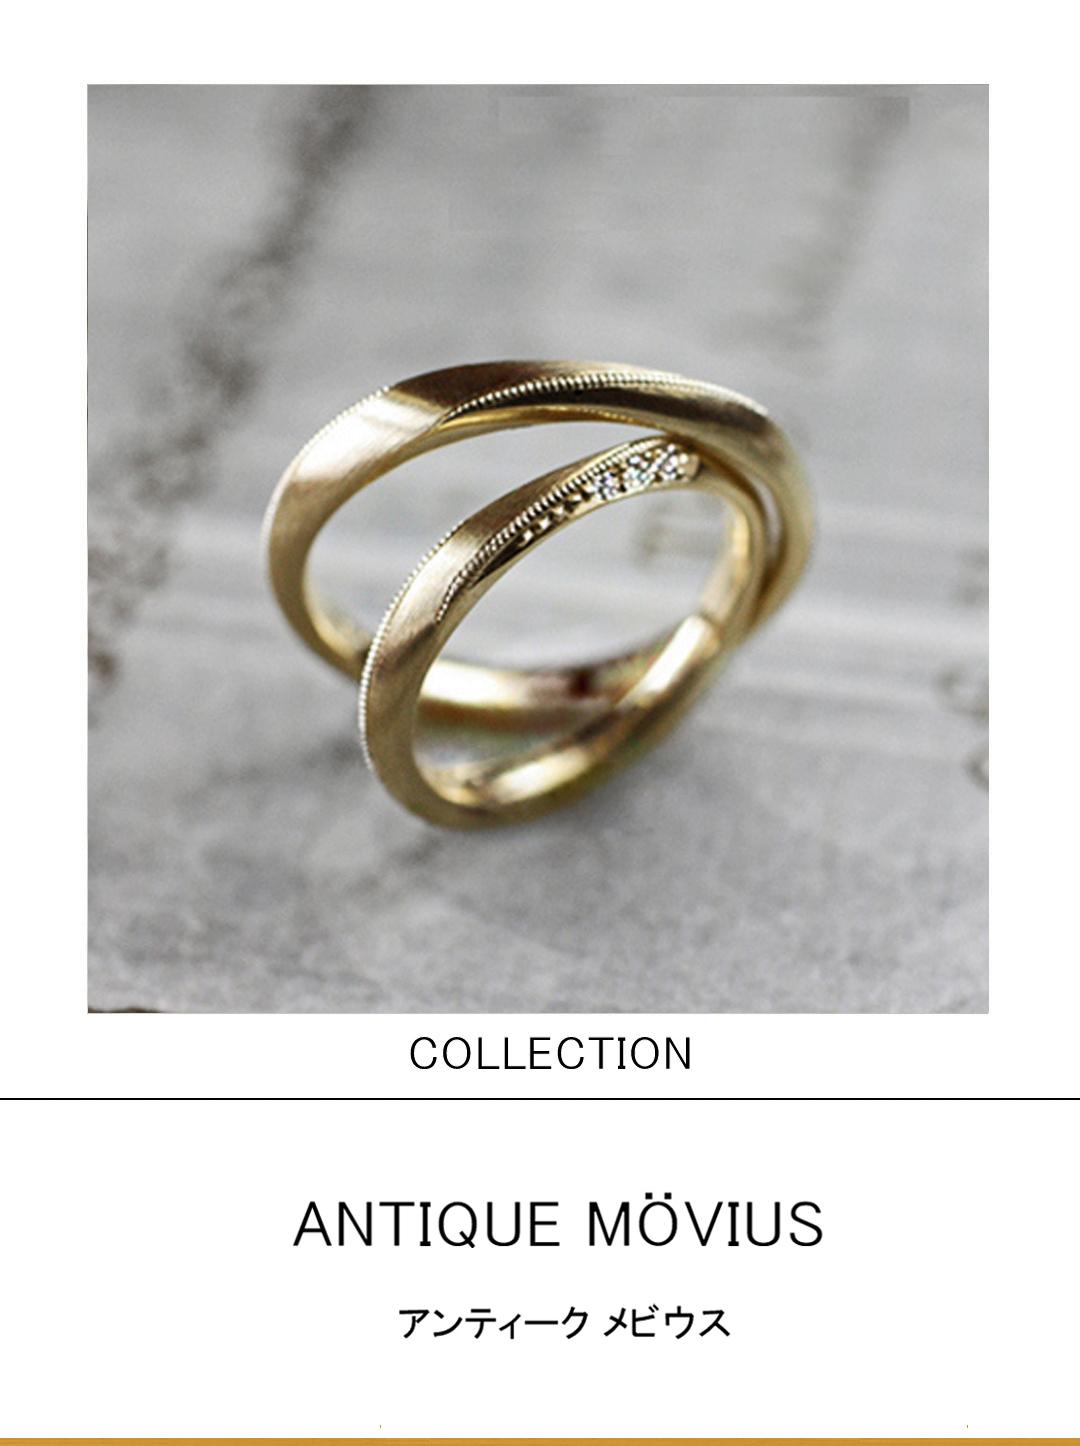 アンティークなメビウスリボンの結婚指輪ゴールドコレクションのサムネイル